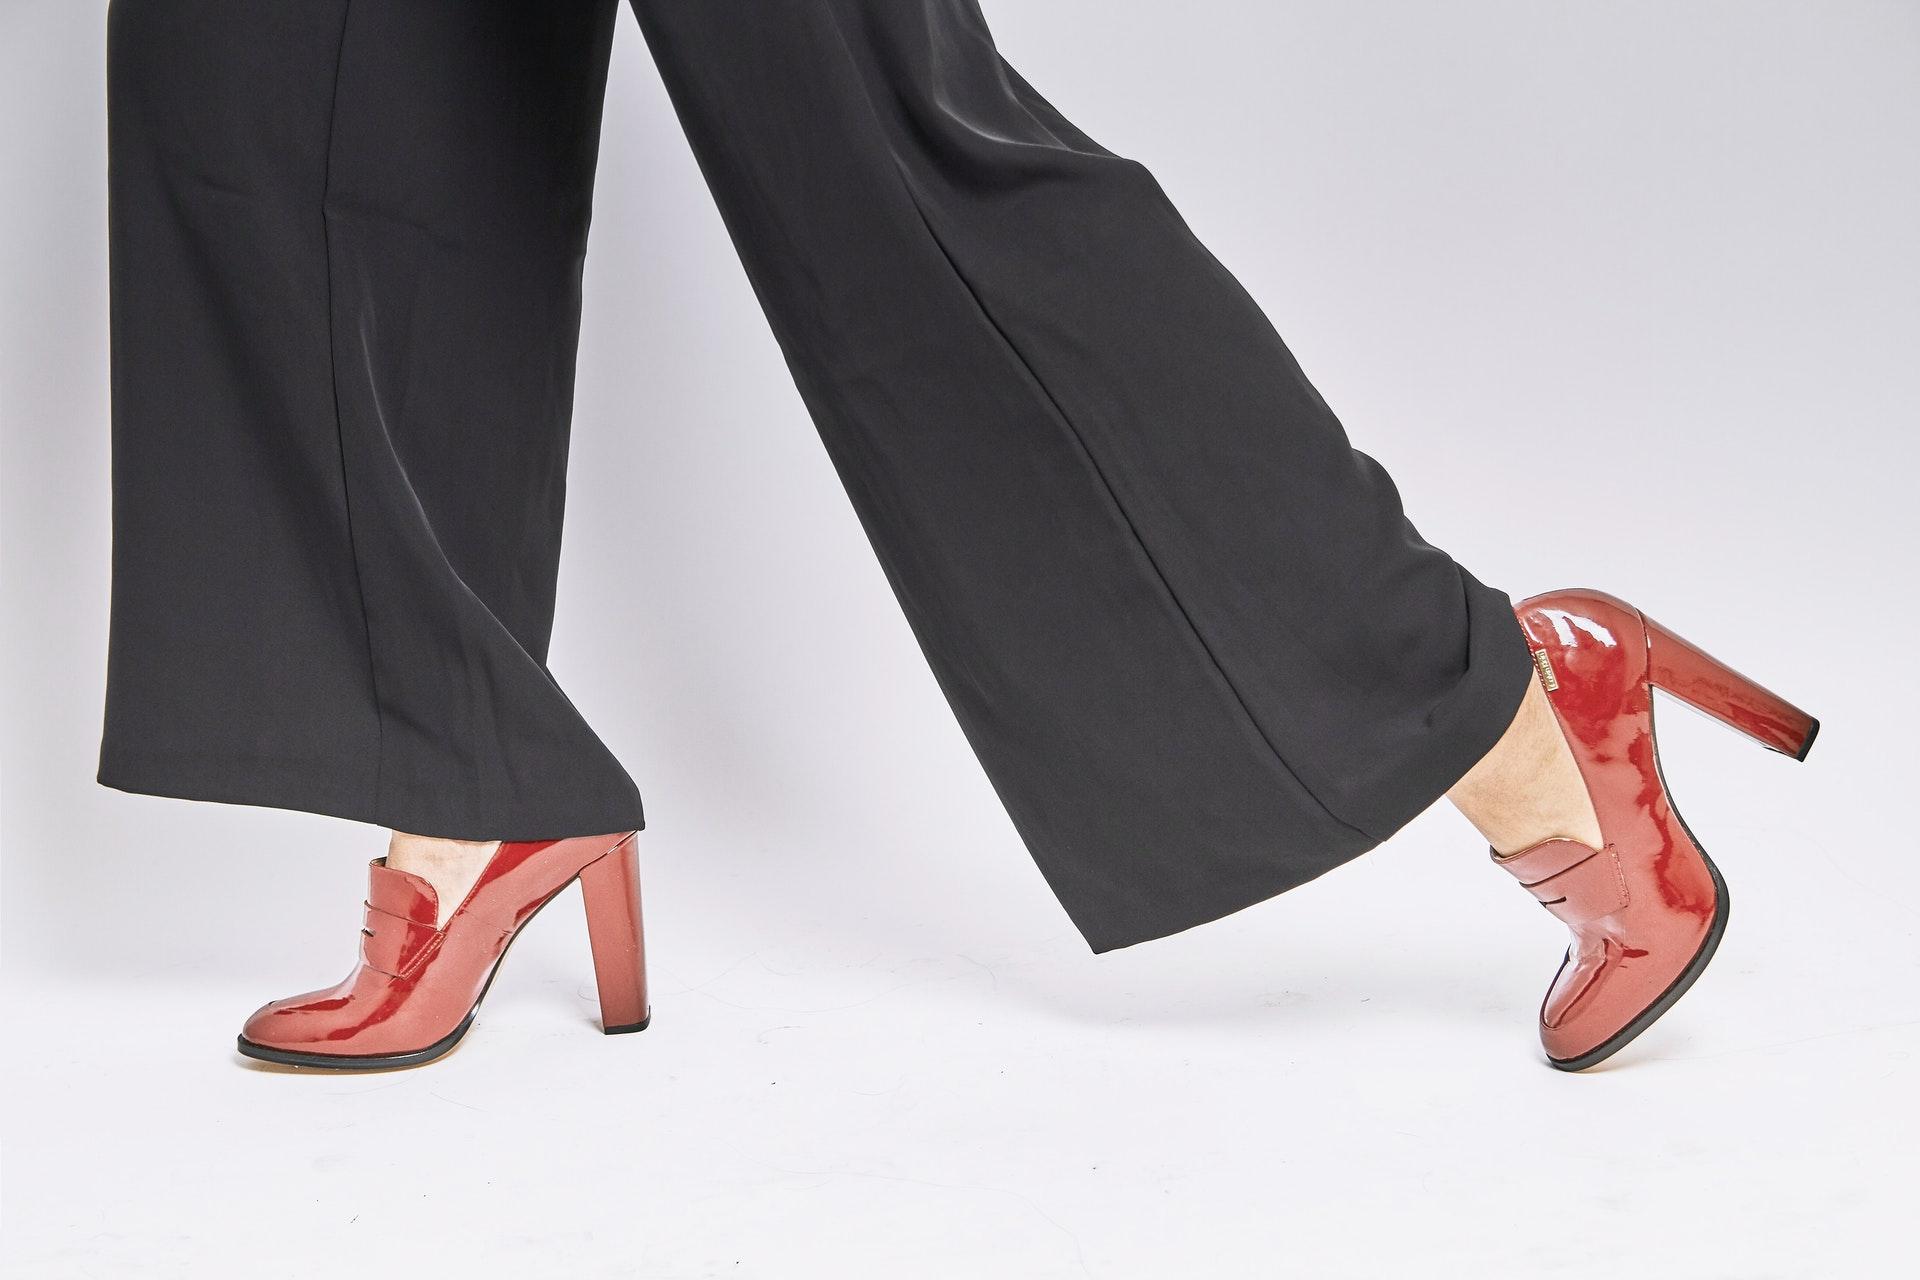 come allargare le scarpe strette fai da te